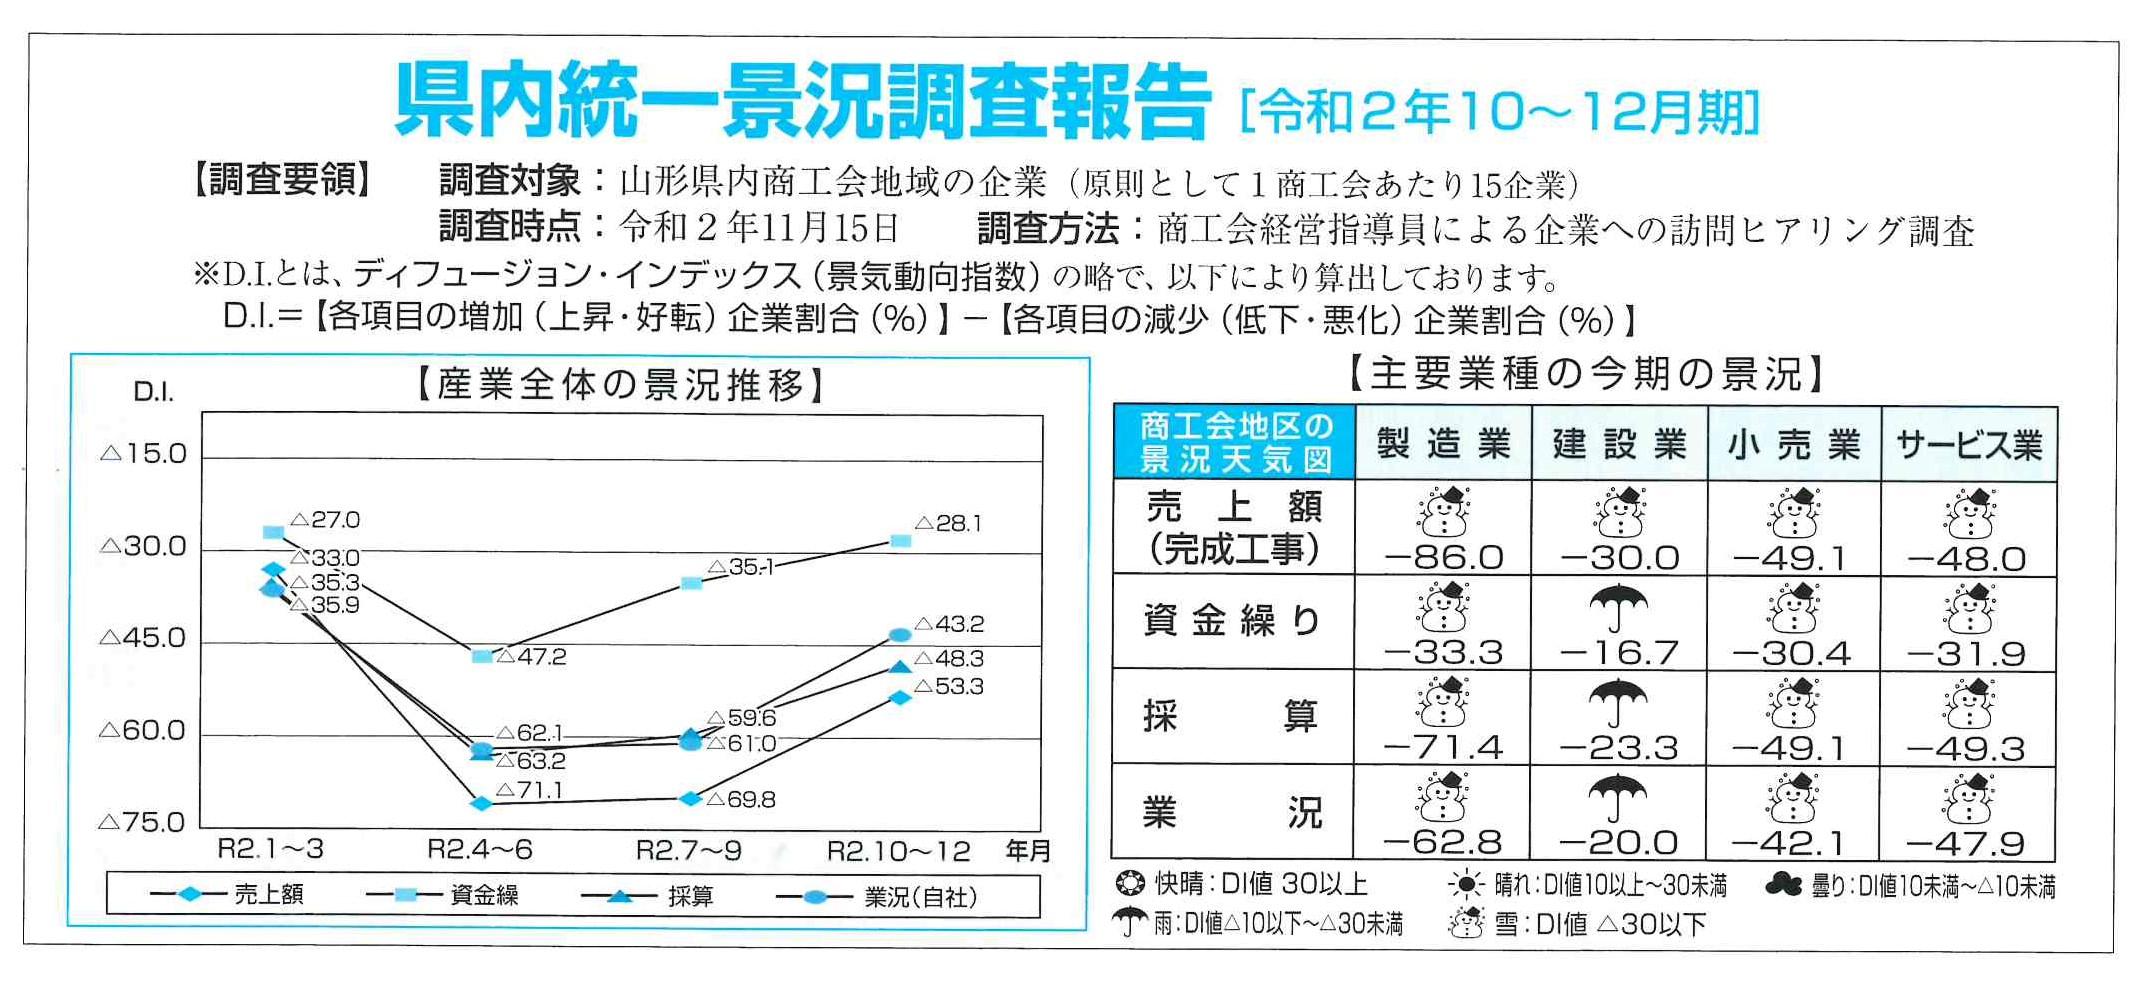 県内統一景況調査報告(令和2年10〜12月期):画像